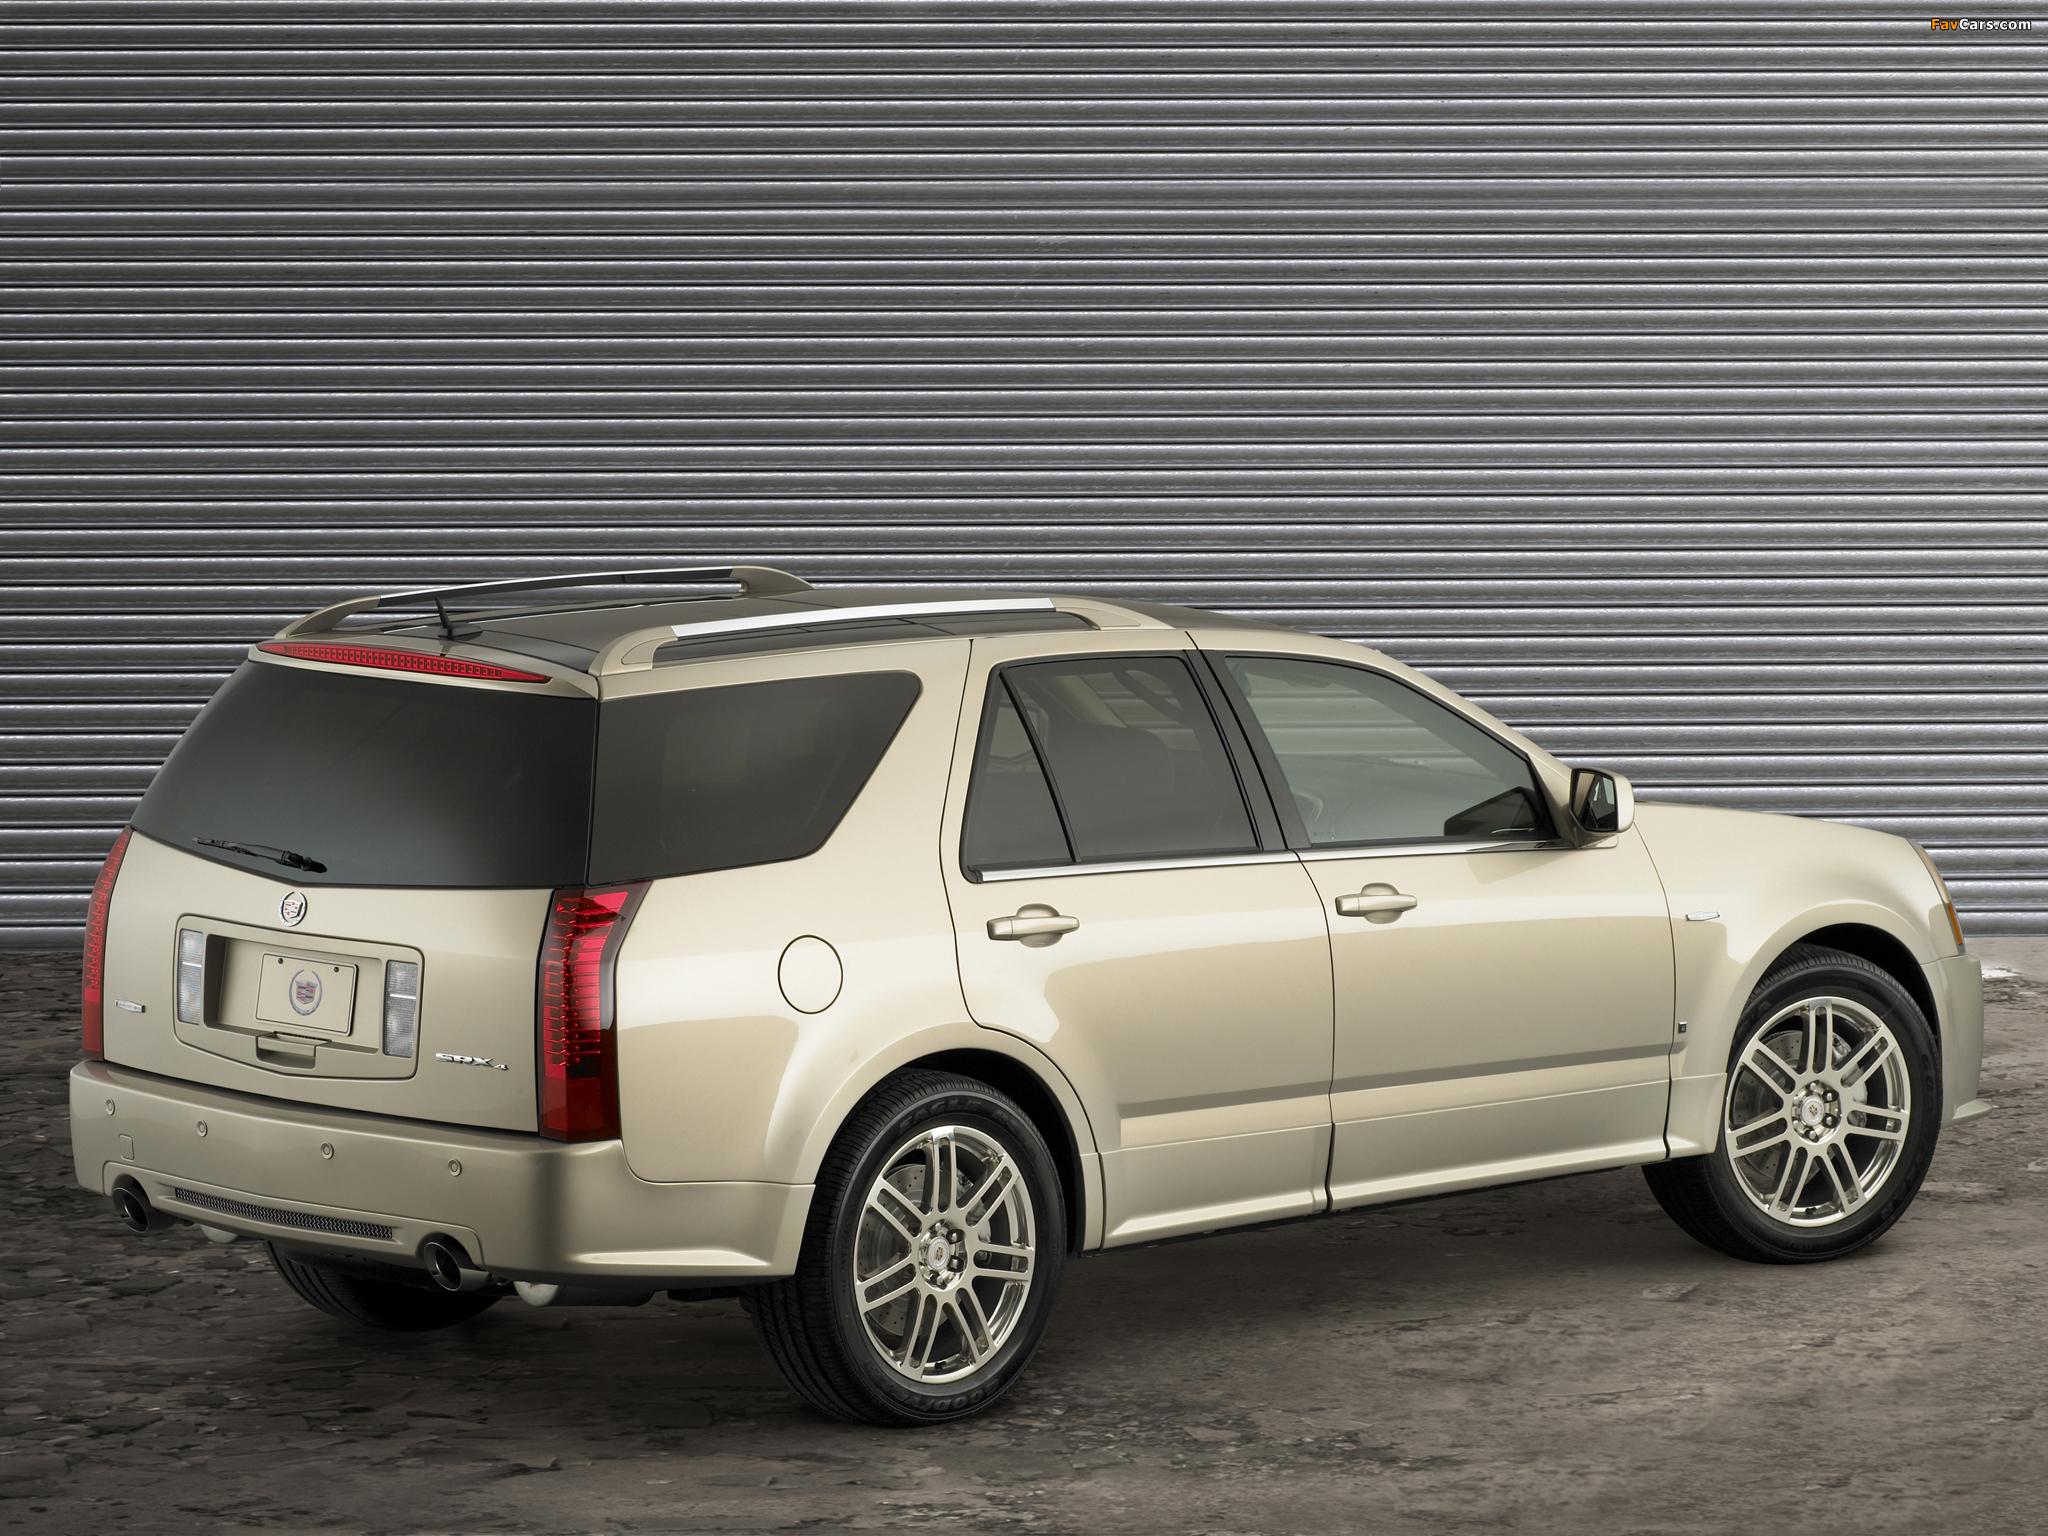 Cadillac SRX Sport by Dana Buchman 2006 pictures (2048 x 1536)